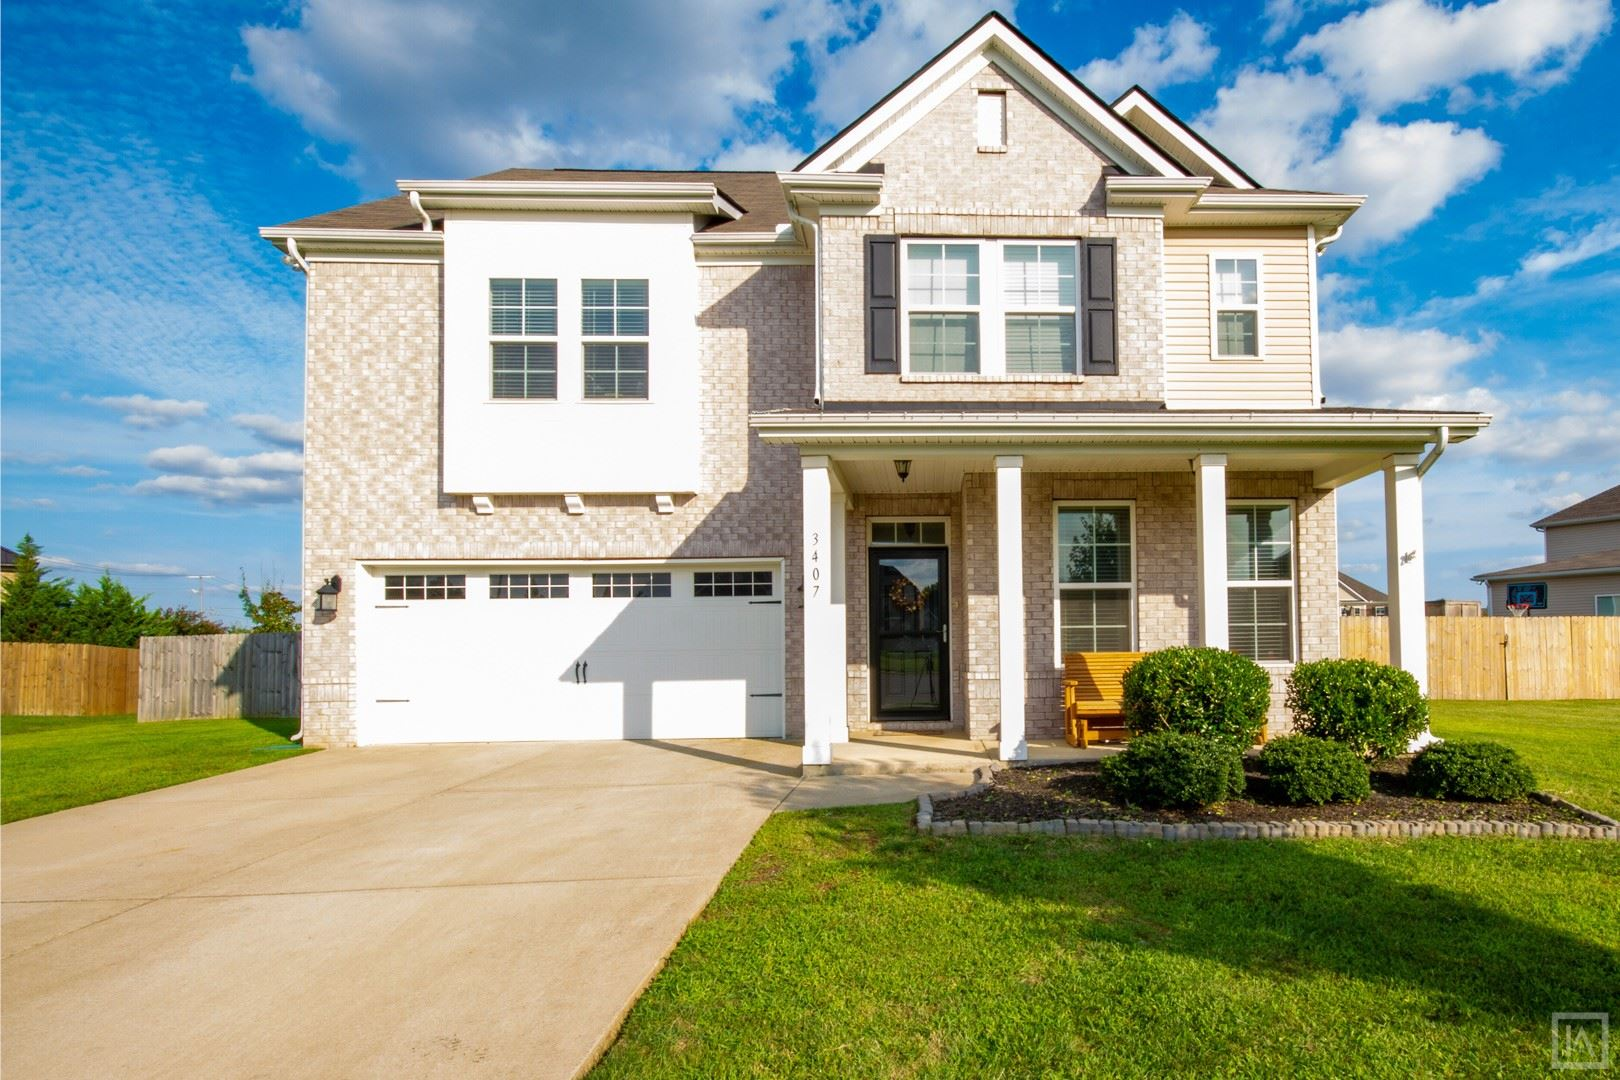 3407 Wilhoit Ct, Murfreesboro, TN 37128 - MLS#: 2292483